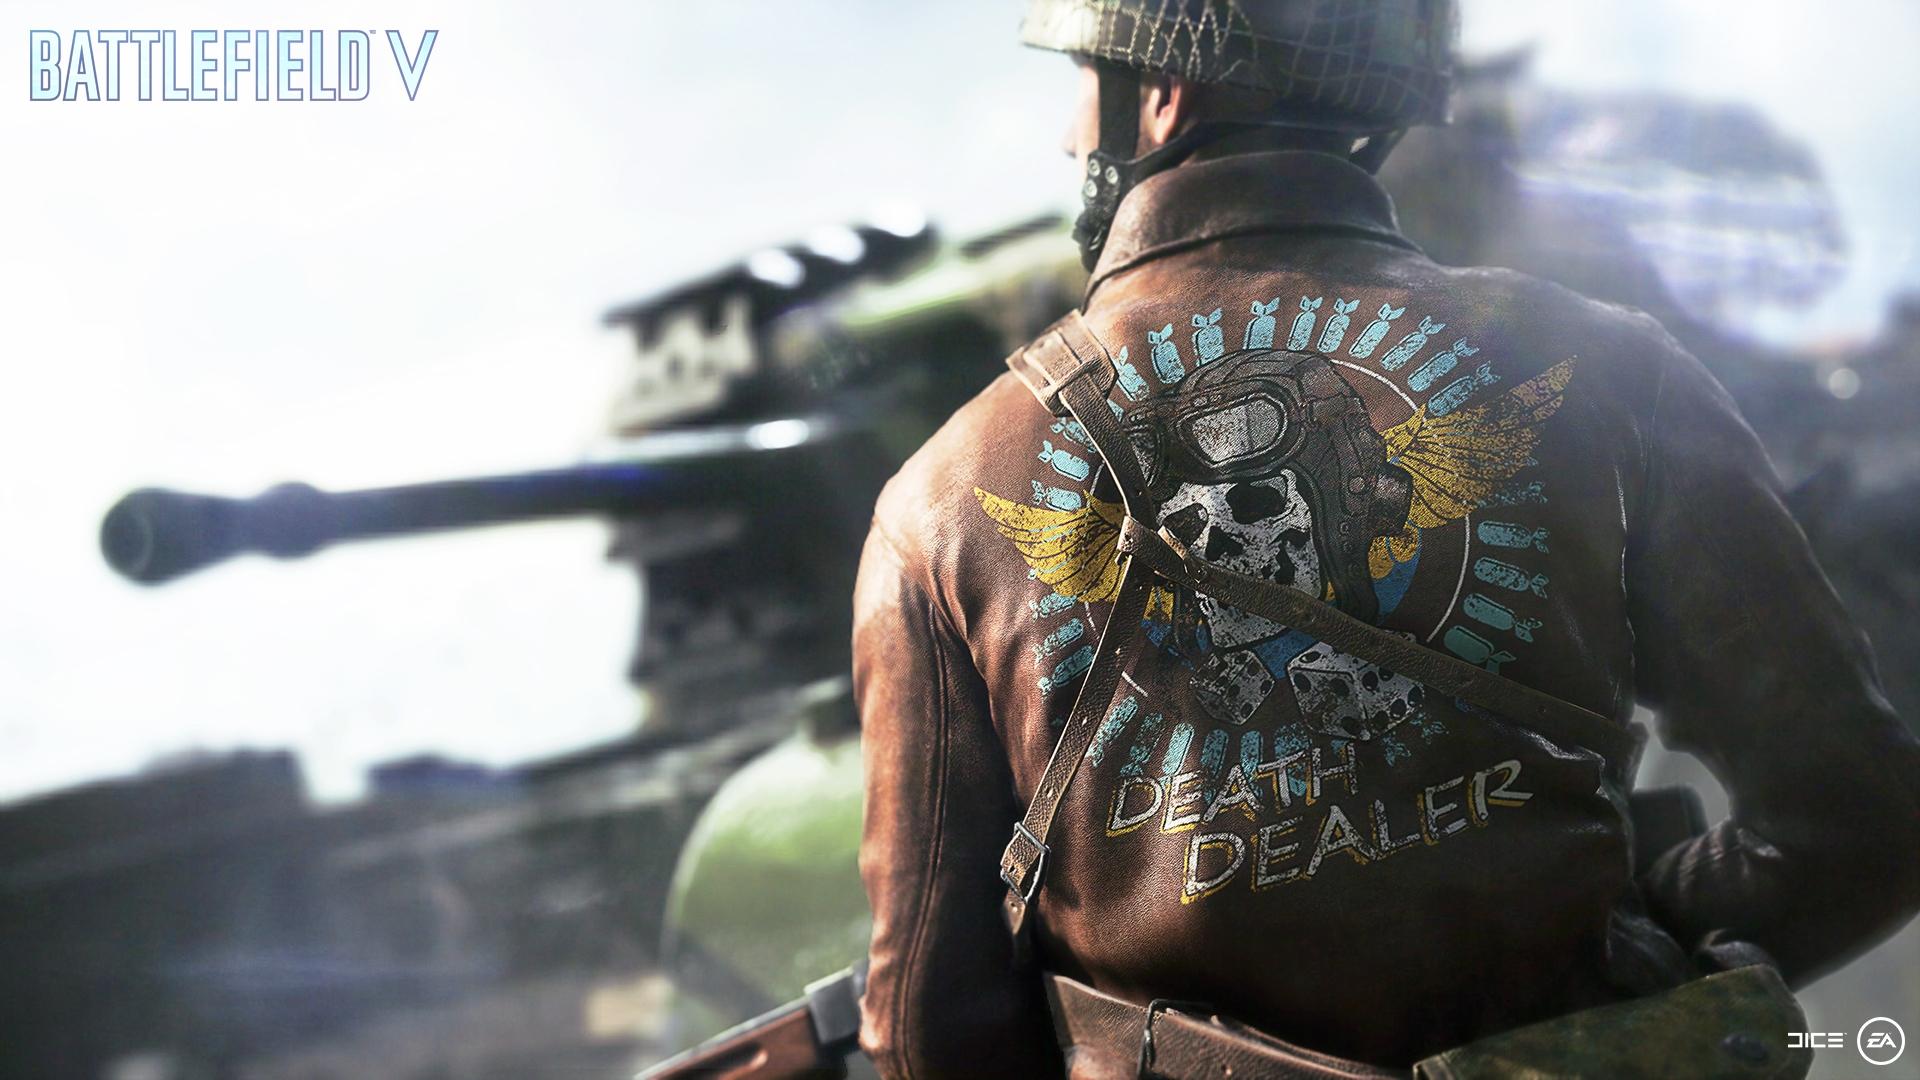 Battlefield V ganha diversas imagens mostrando personagens e ambientação